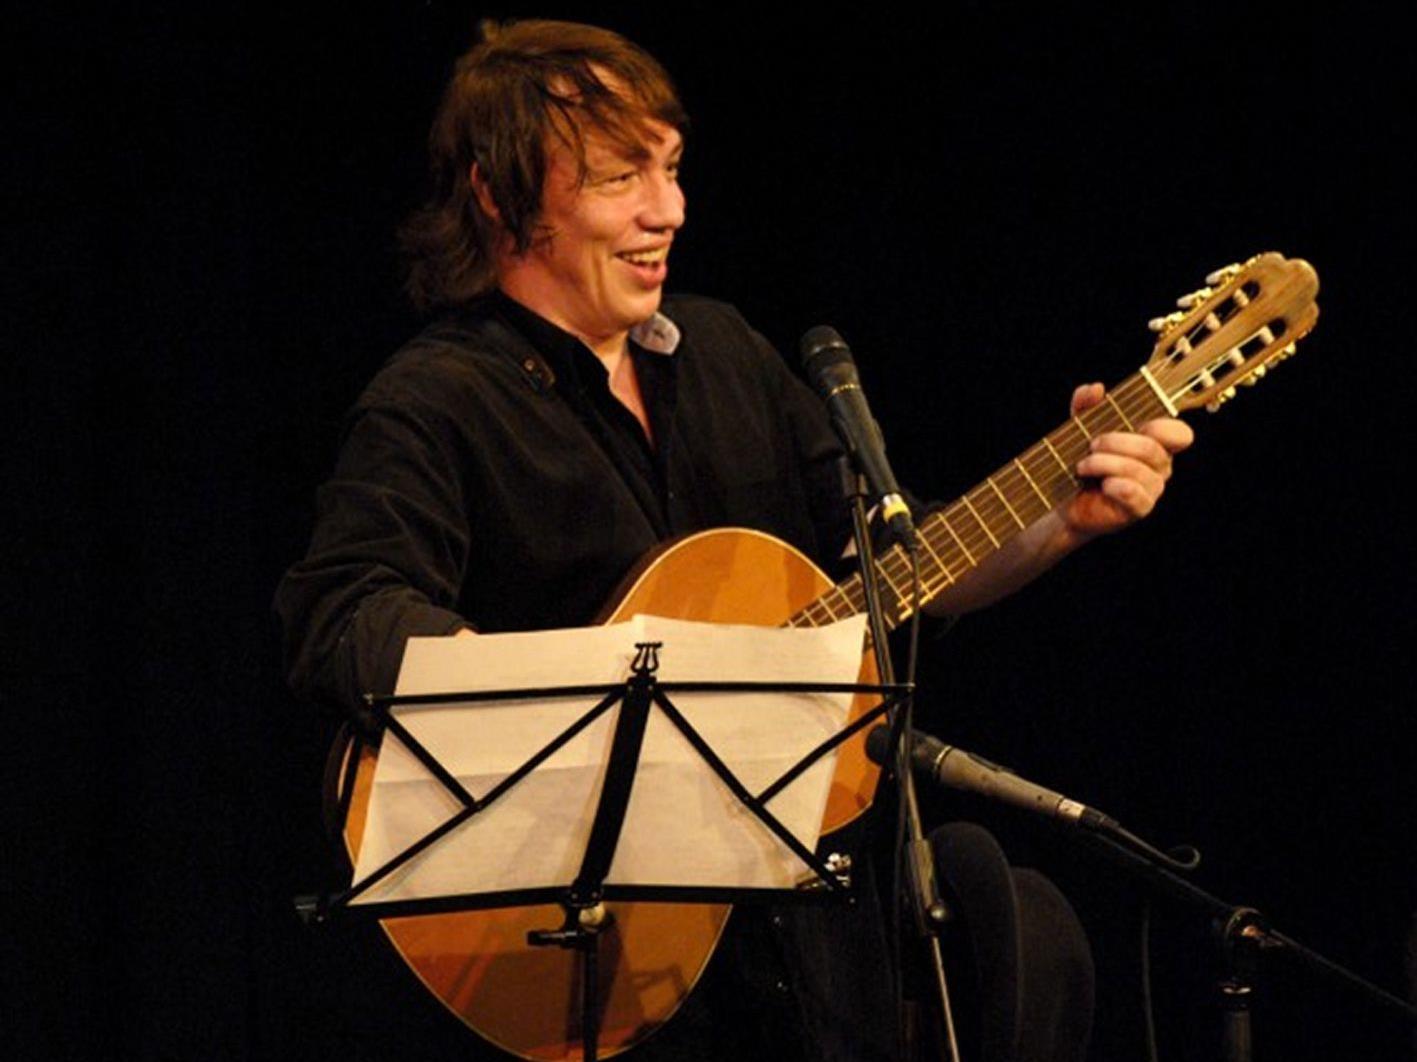 Karsten Troyke gibt zum 1.Todestag von Georg Kreisler ein Konzert im kleinen Löwensaal.